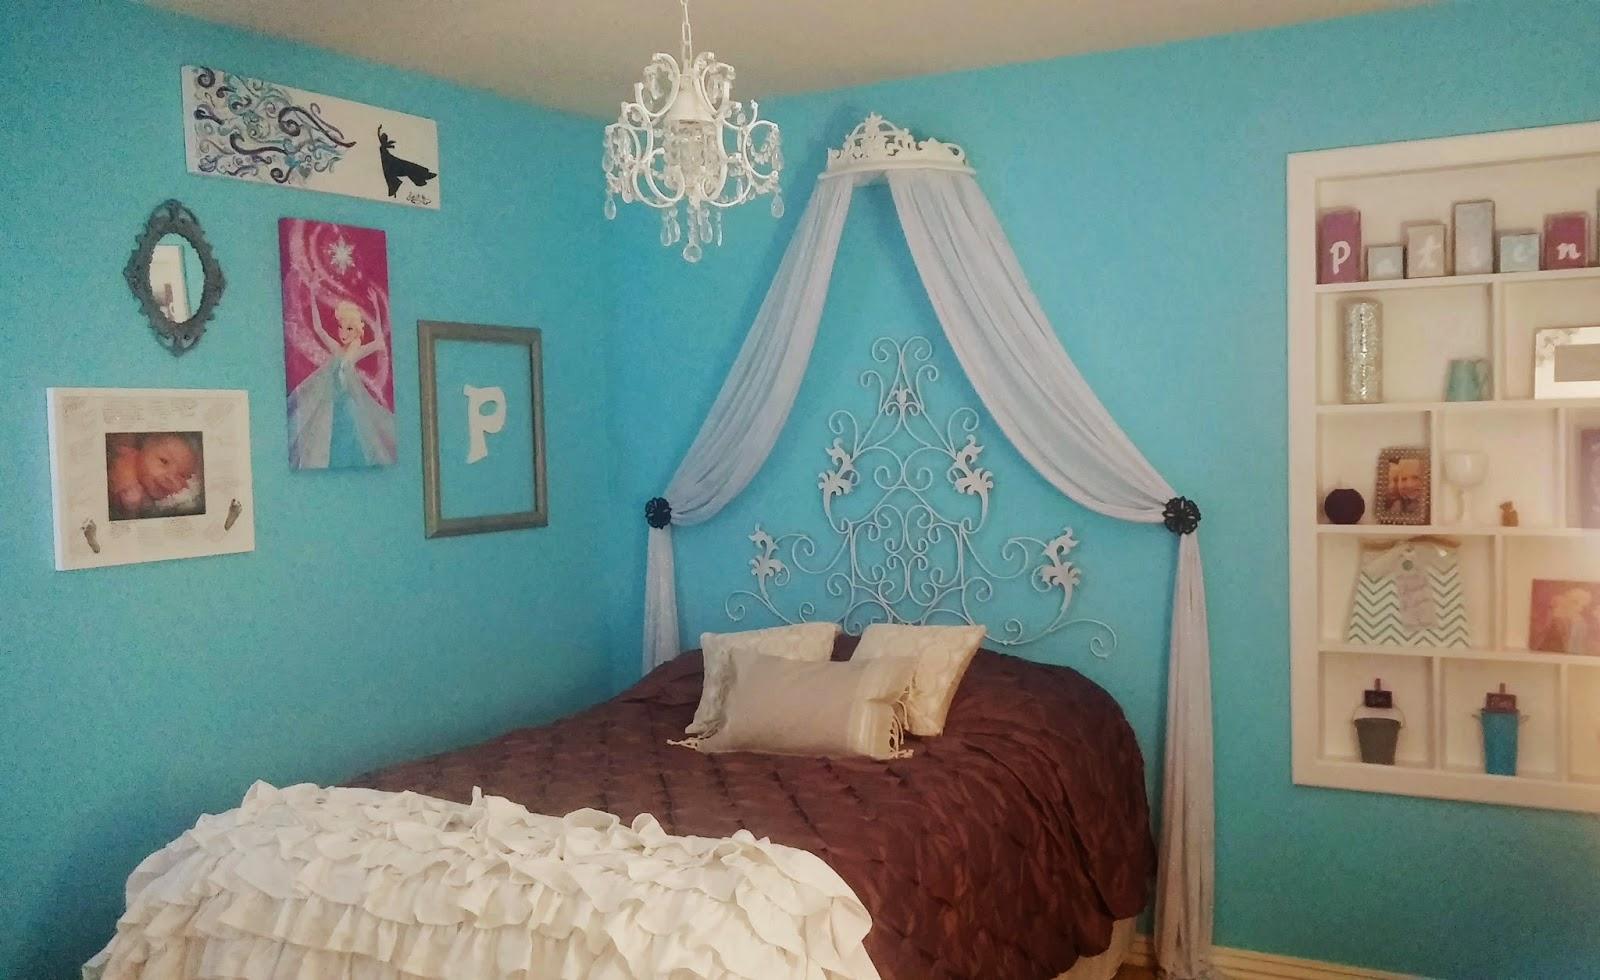 Frozen inspired bedroom - After